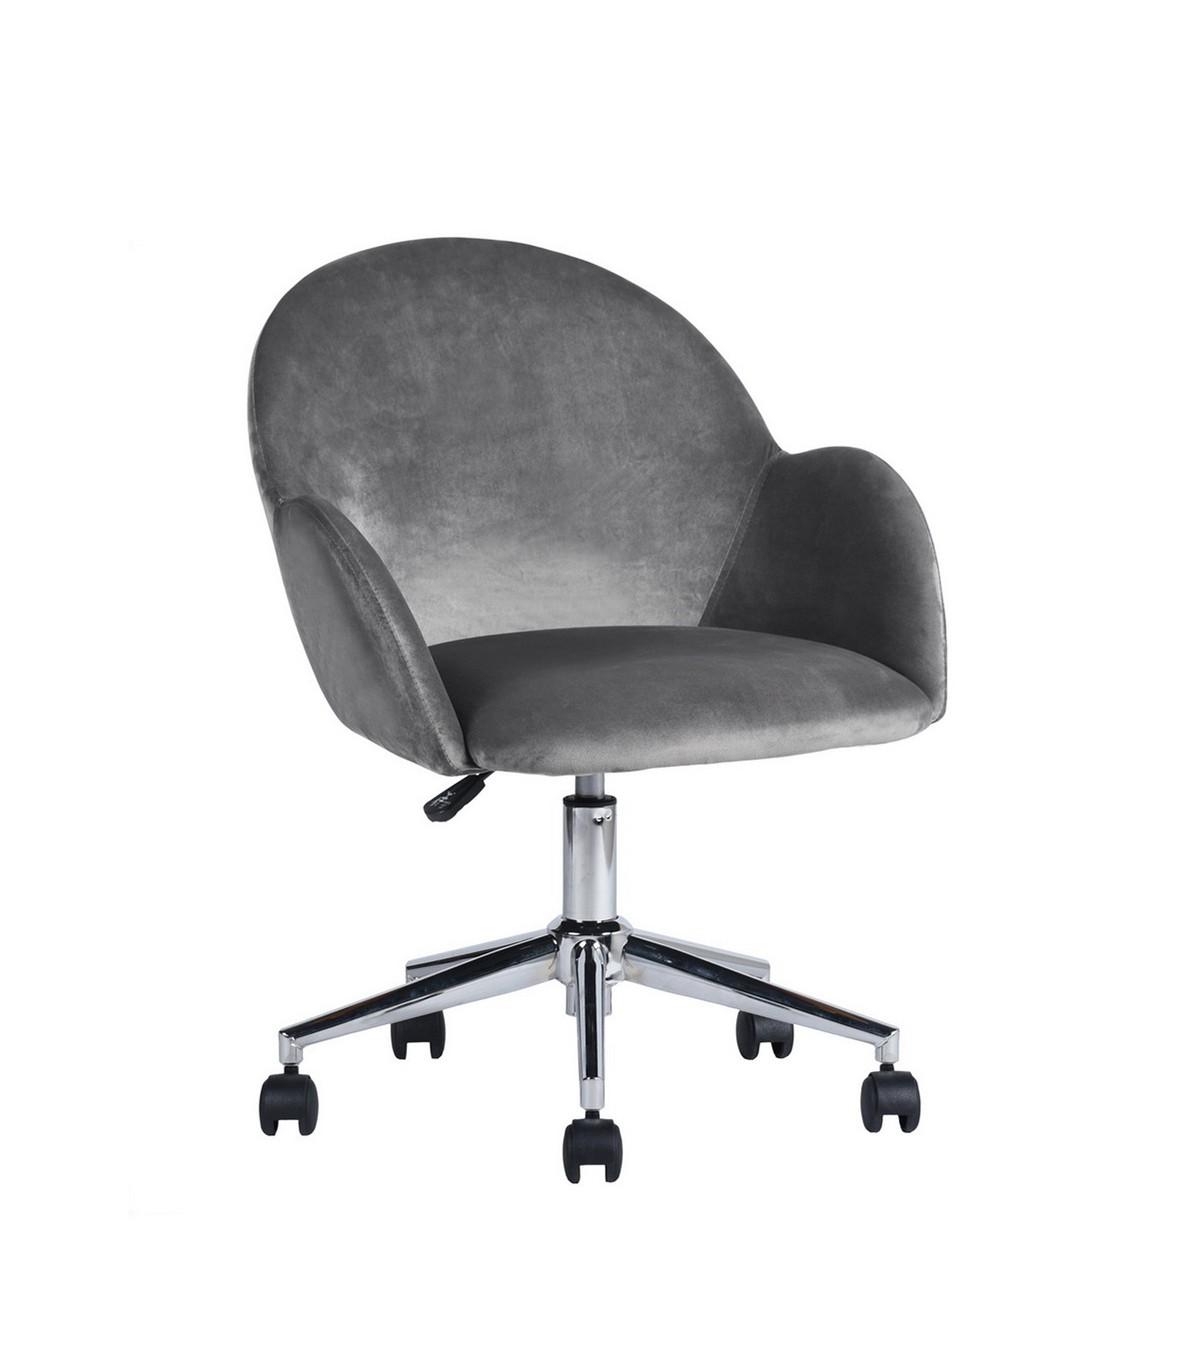 Chaise de bureau à roulettes avec accoudoirs - Gris